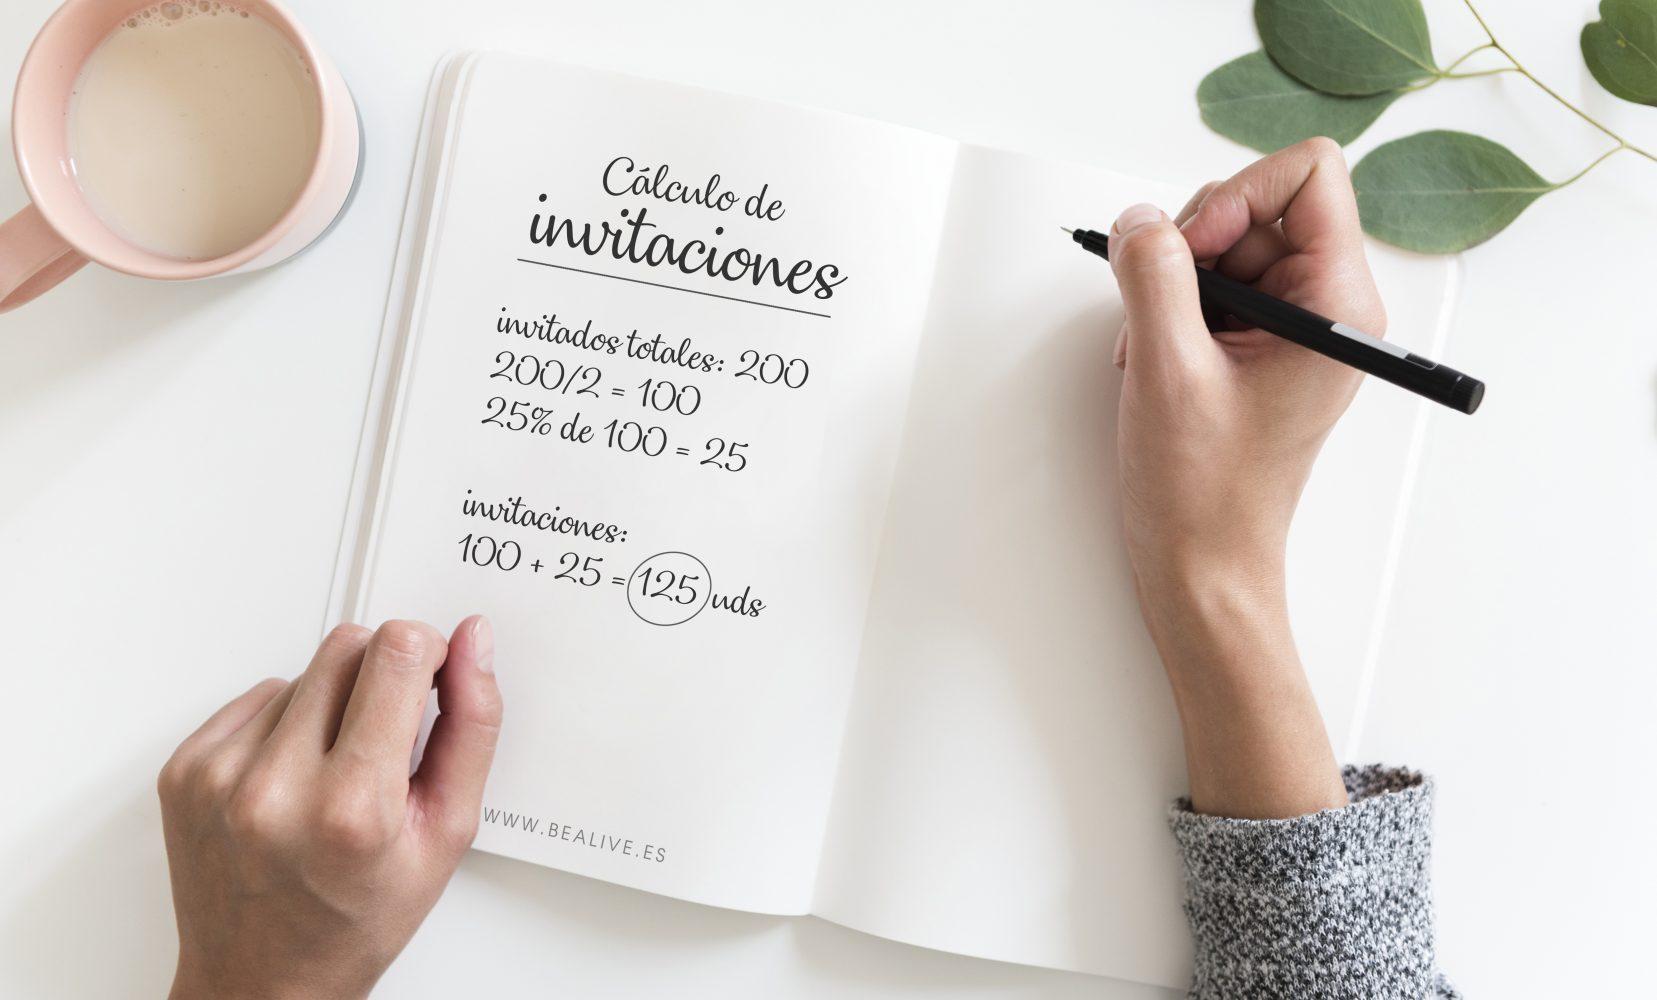 Calcula cuántas invitaciones necesitas